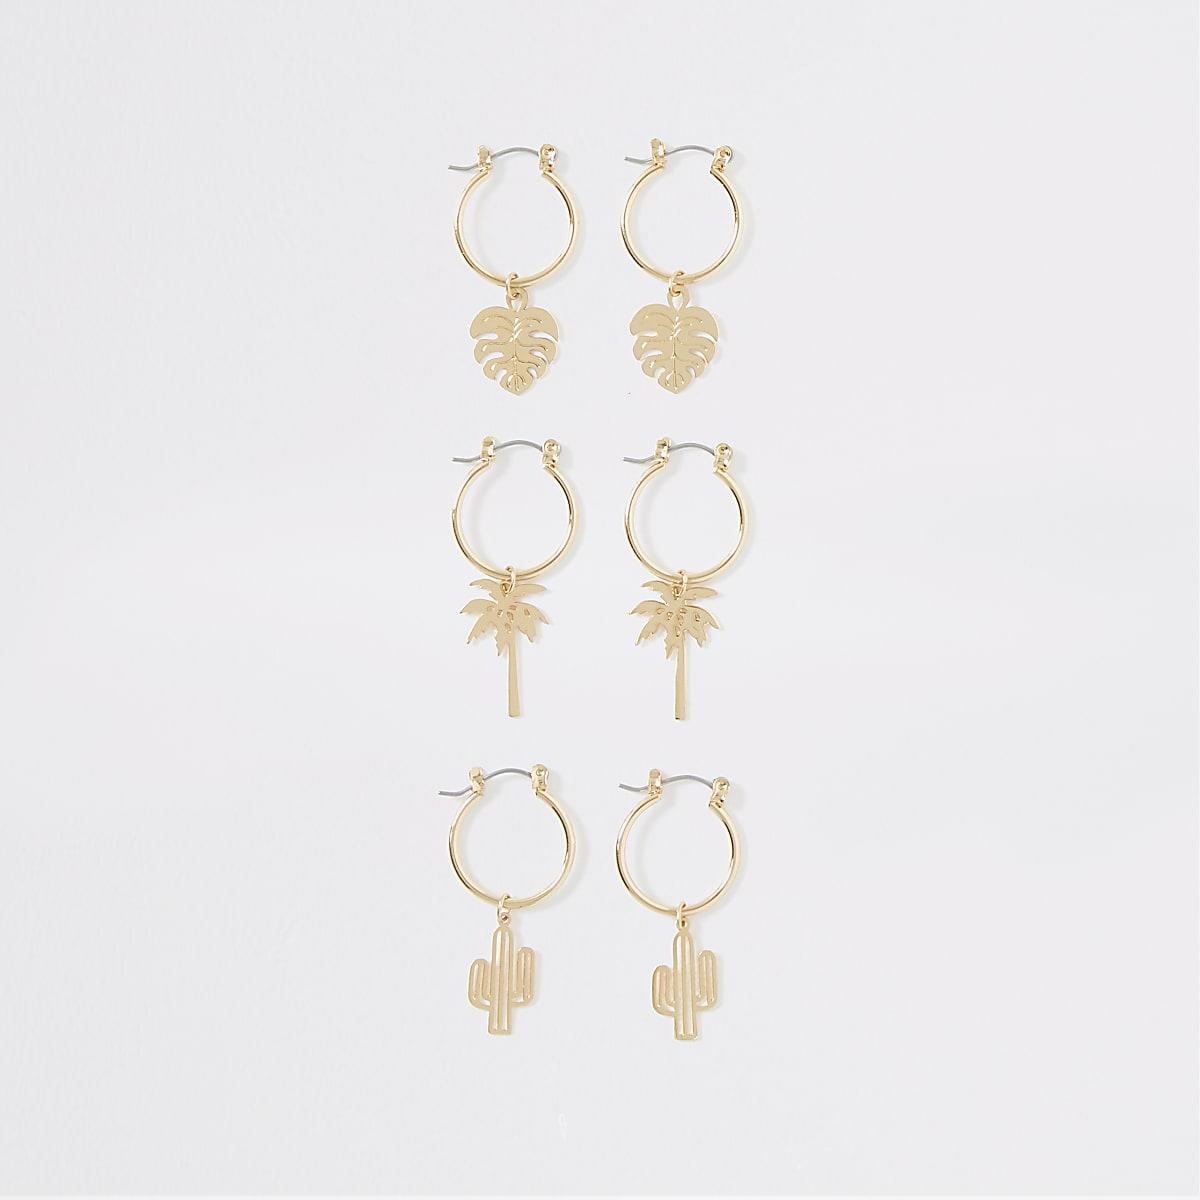 Gold color summer charm hoop earrings pack